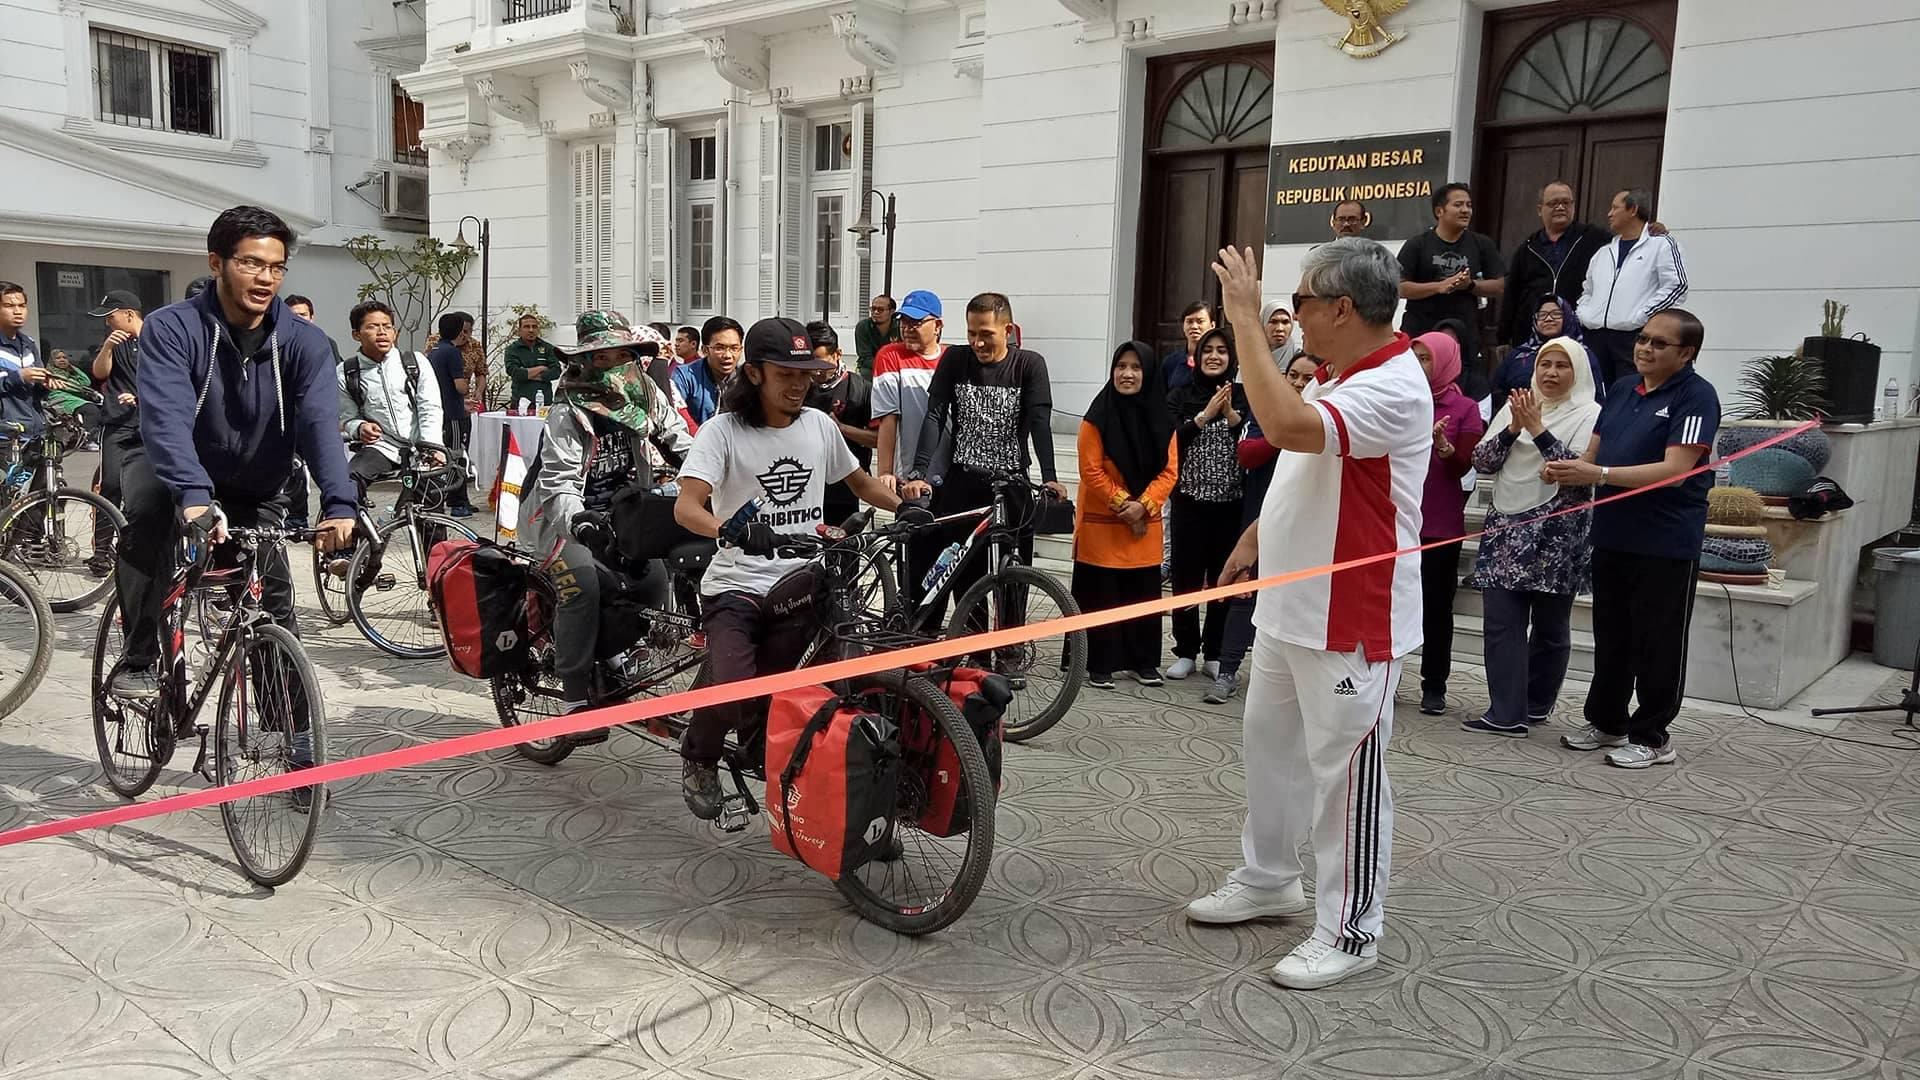 Hakam dan rombongan Fun Bike dilepas oleh Duta Besar RI untuk Mesir, Helmy Fauzi.